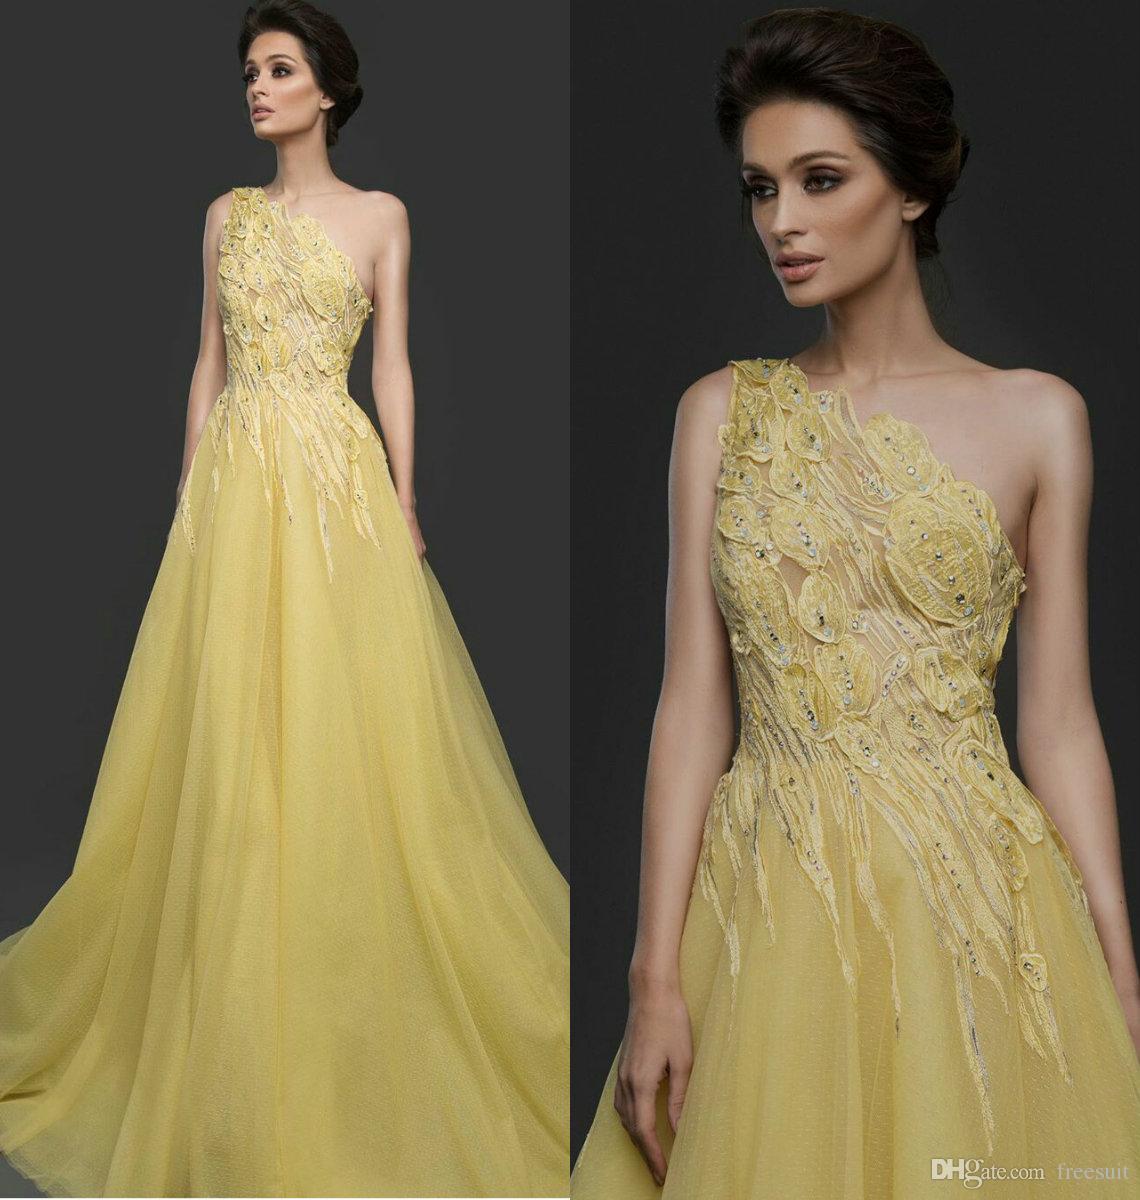 Yellow A-Linie Abendkleider Elegant Ein-Schulter Sleeveless lange formale Partei-Kleid Appliqued wulstige Spitze Sweep Zug Abendkleid Günstige